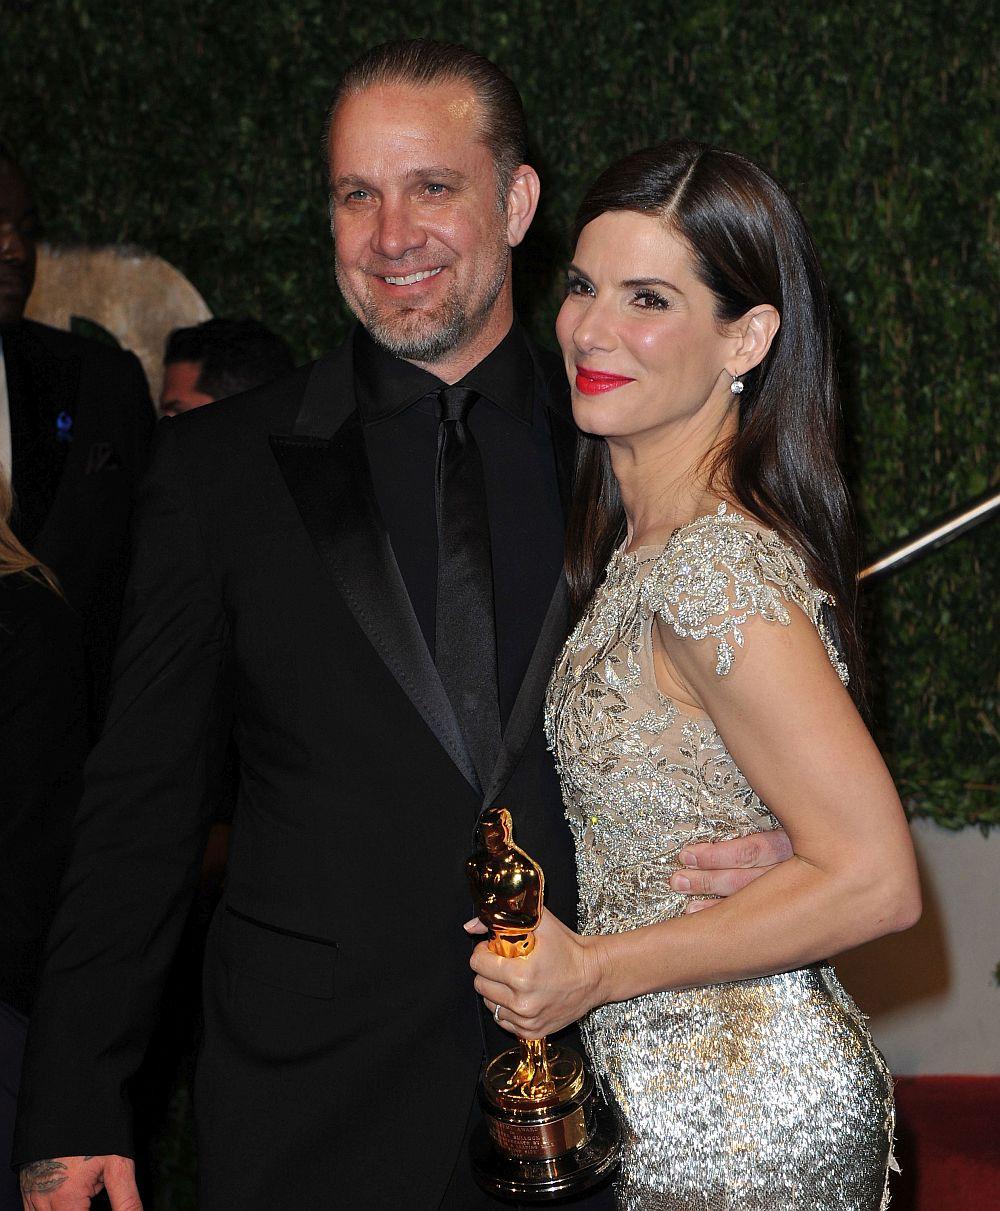 """Актрисата и носителка на """"Оскар"""" Сандра Бълок и телевизионната звезда и механик Джеси Джеймс сключват брак през 2005 година. Пет години по-късно, малко след като актрисата е отличена за ролята си във филма """"Сляпата страна"""", съпругът ѝ е изобличен в изневери от няколко жени. Самият Джеймс казва, че повечето от тях нямат основания за подобни твърдения, но наистина е пристъпил брачните си клетви и се извинява на Бълок за това, което ѝ е причинил. Двамата са официално разведени от юни 2010 година. На снимката: Сандра Бълок и Джеси Джеймс през 2010 година"""